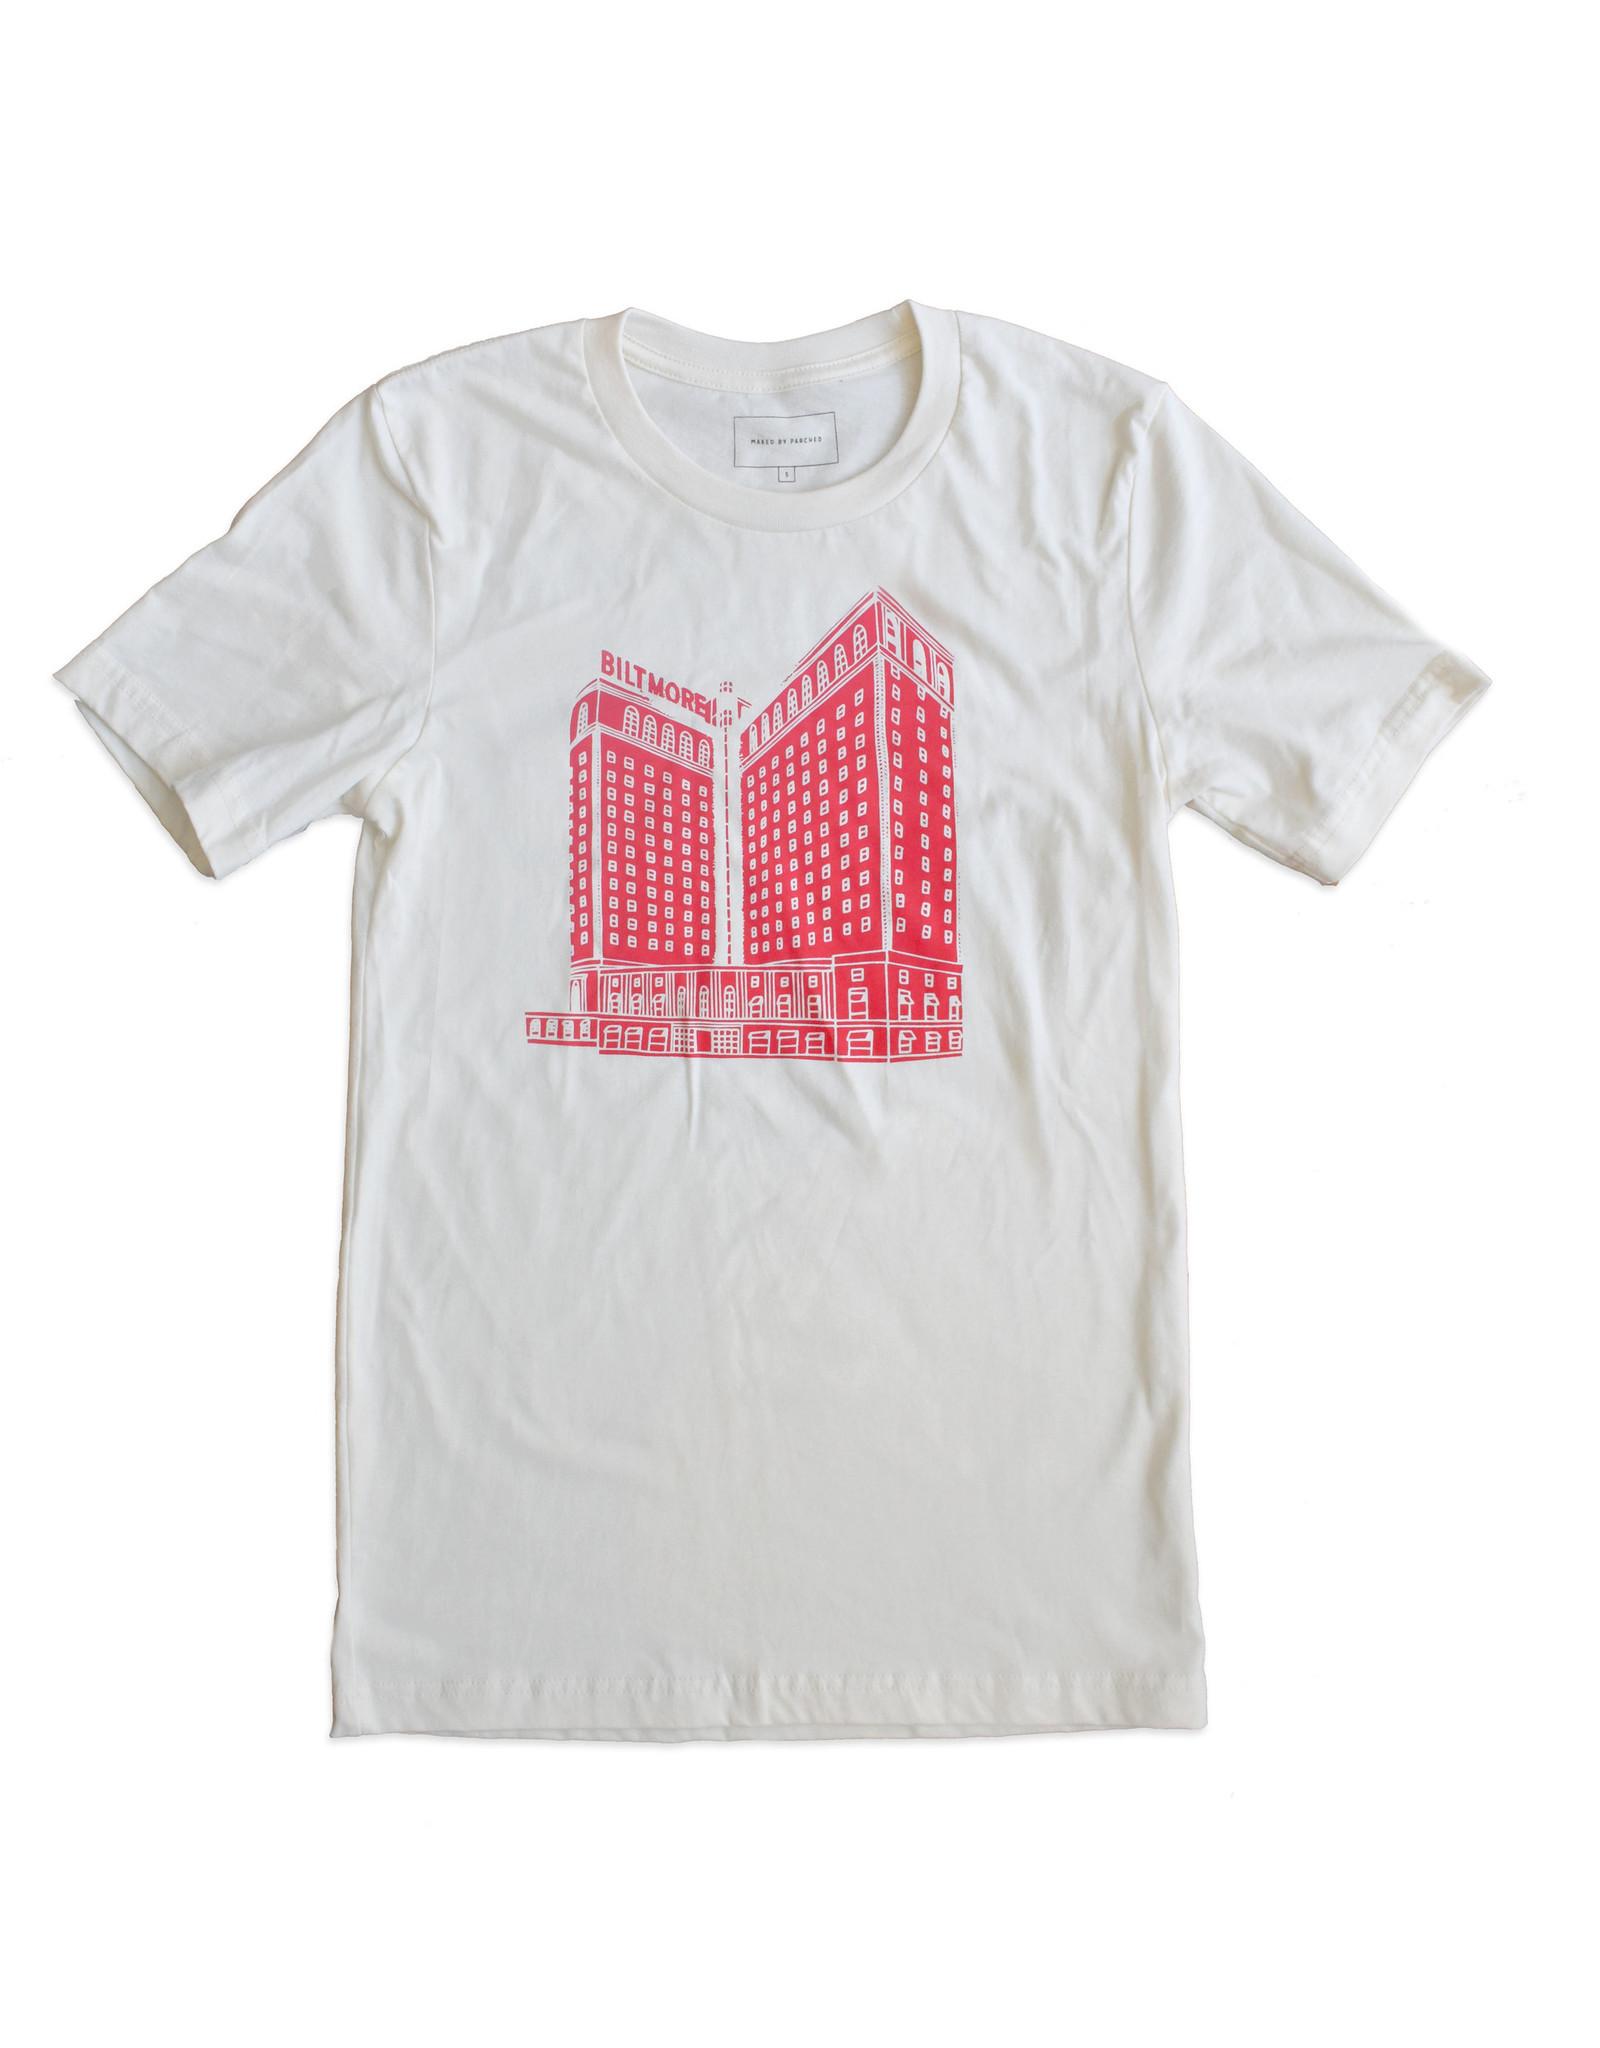 Providence Biltmore T-Shirt